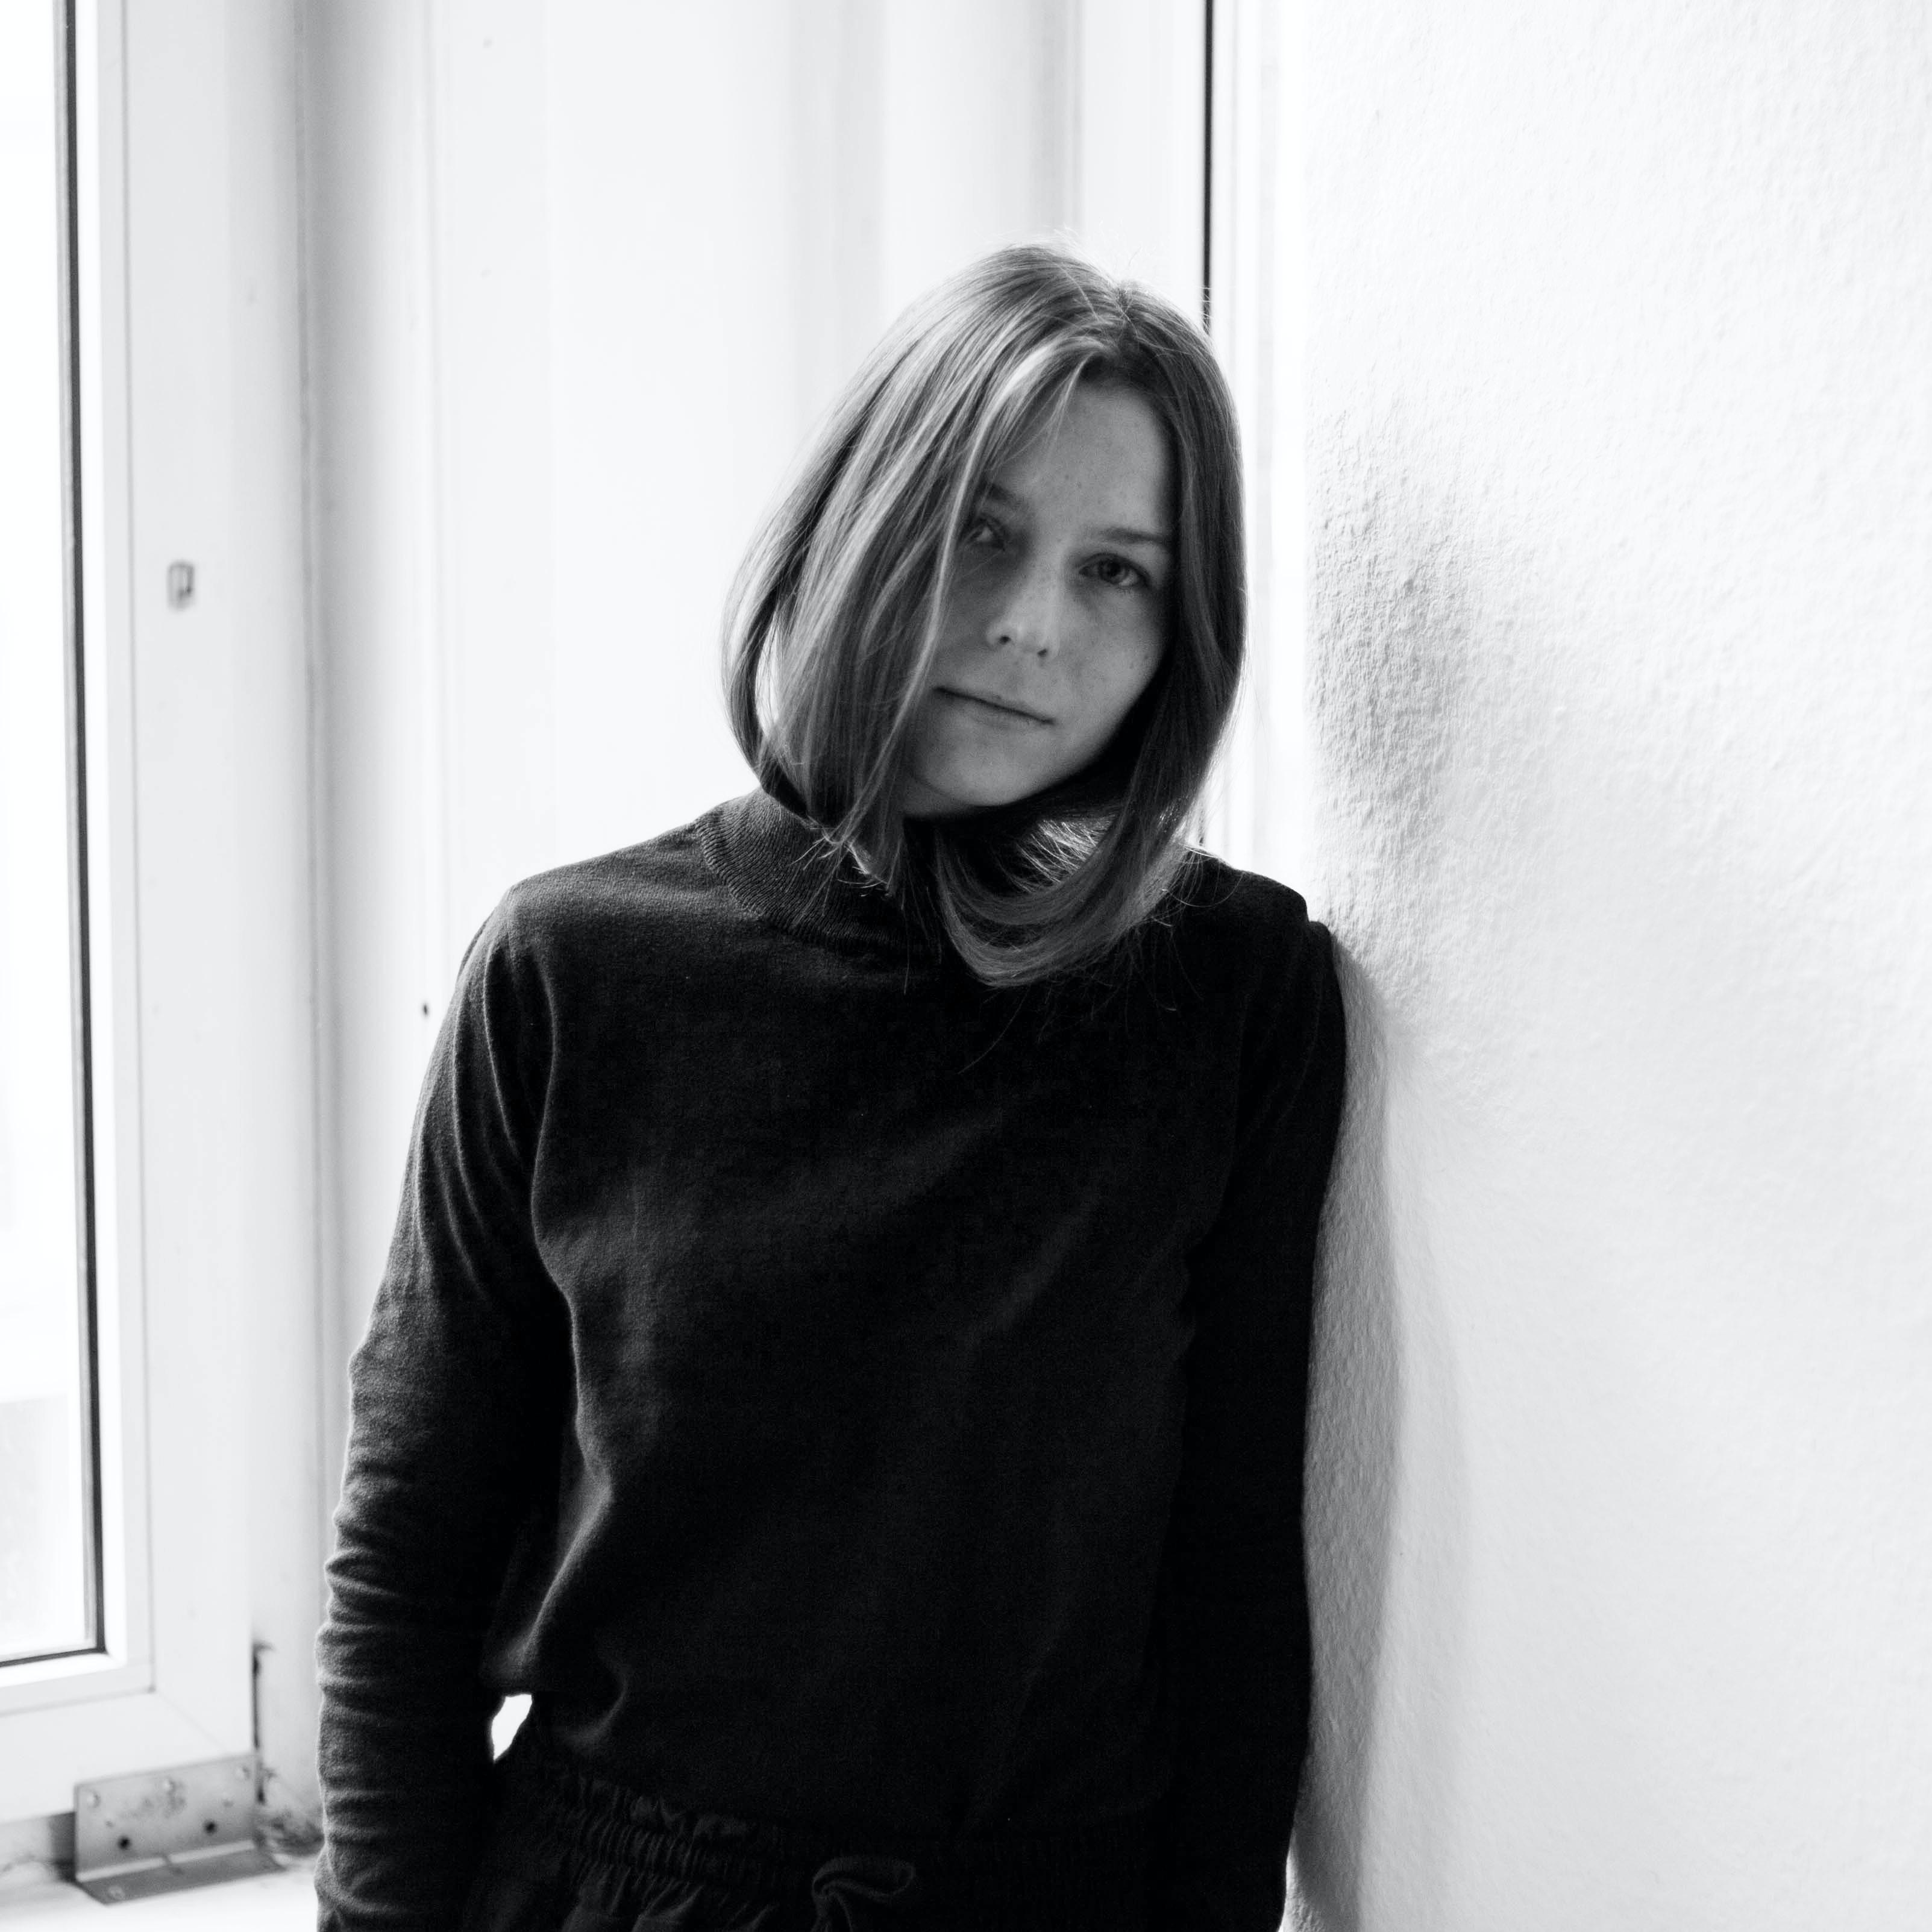 Laura Mitulla